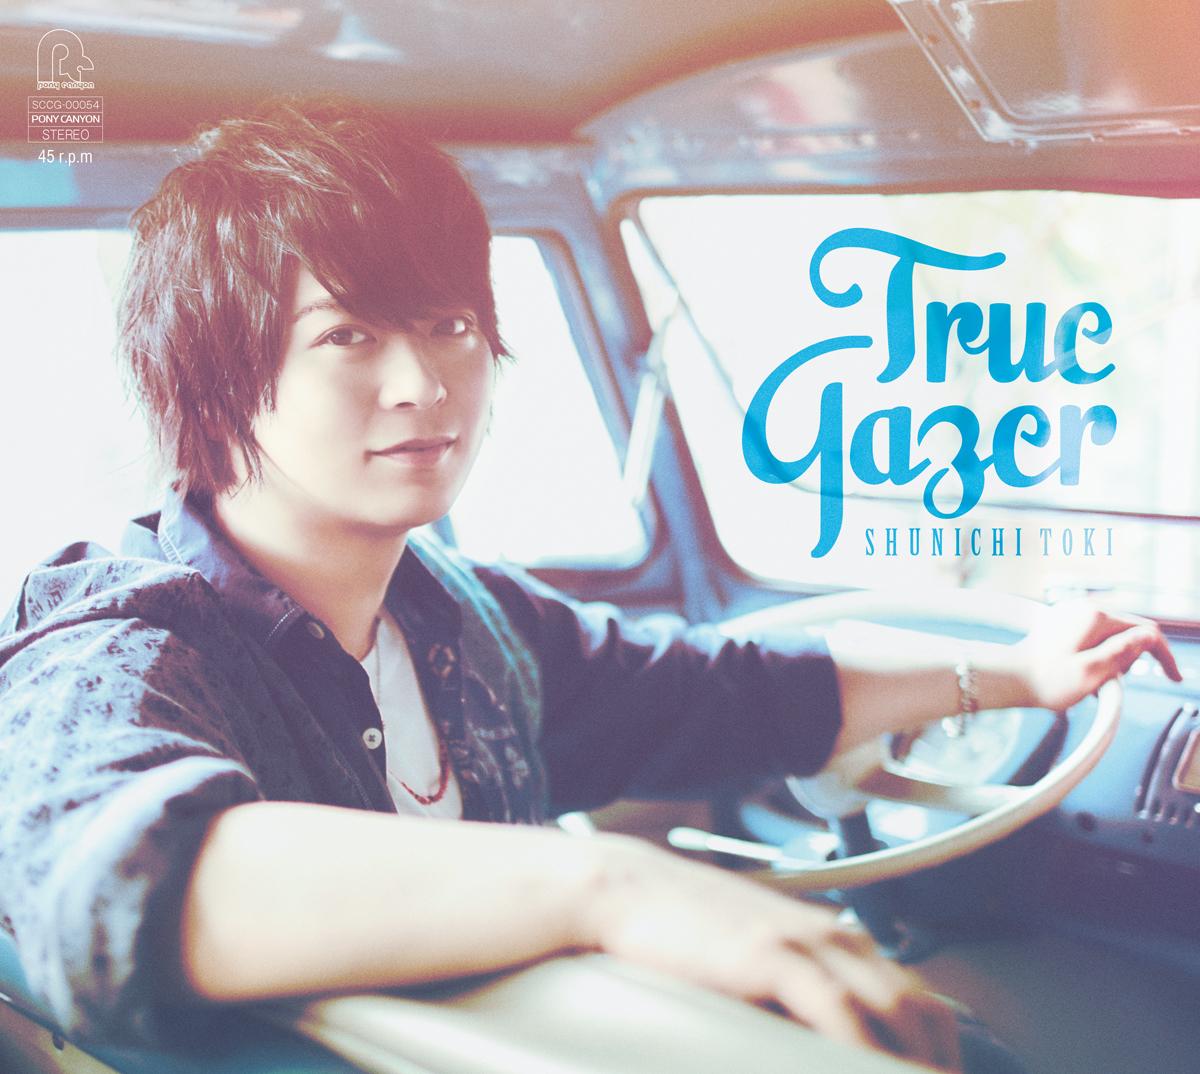 土岐隼一1stミニアルバム「True Gazer」きゃにめ盤ジャケット